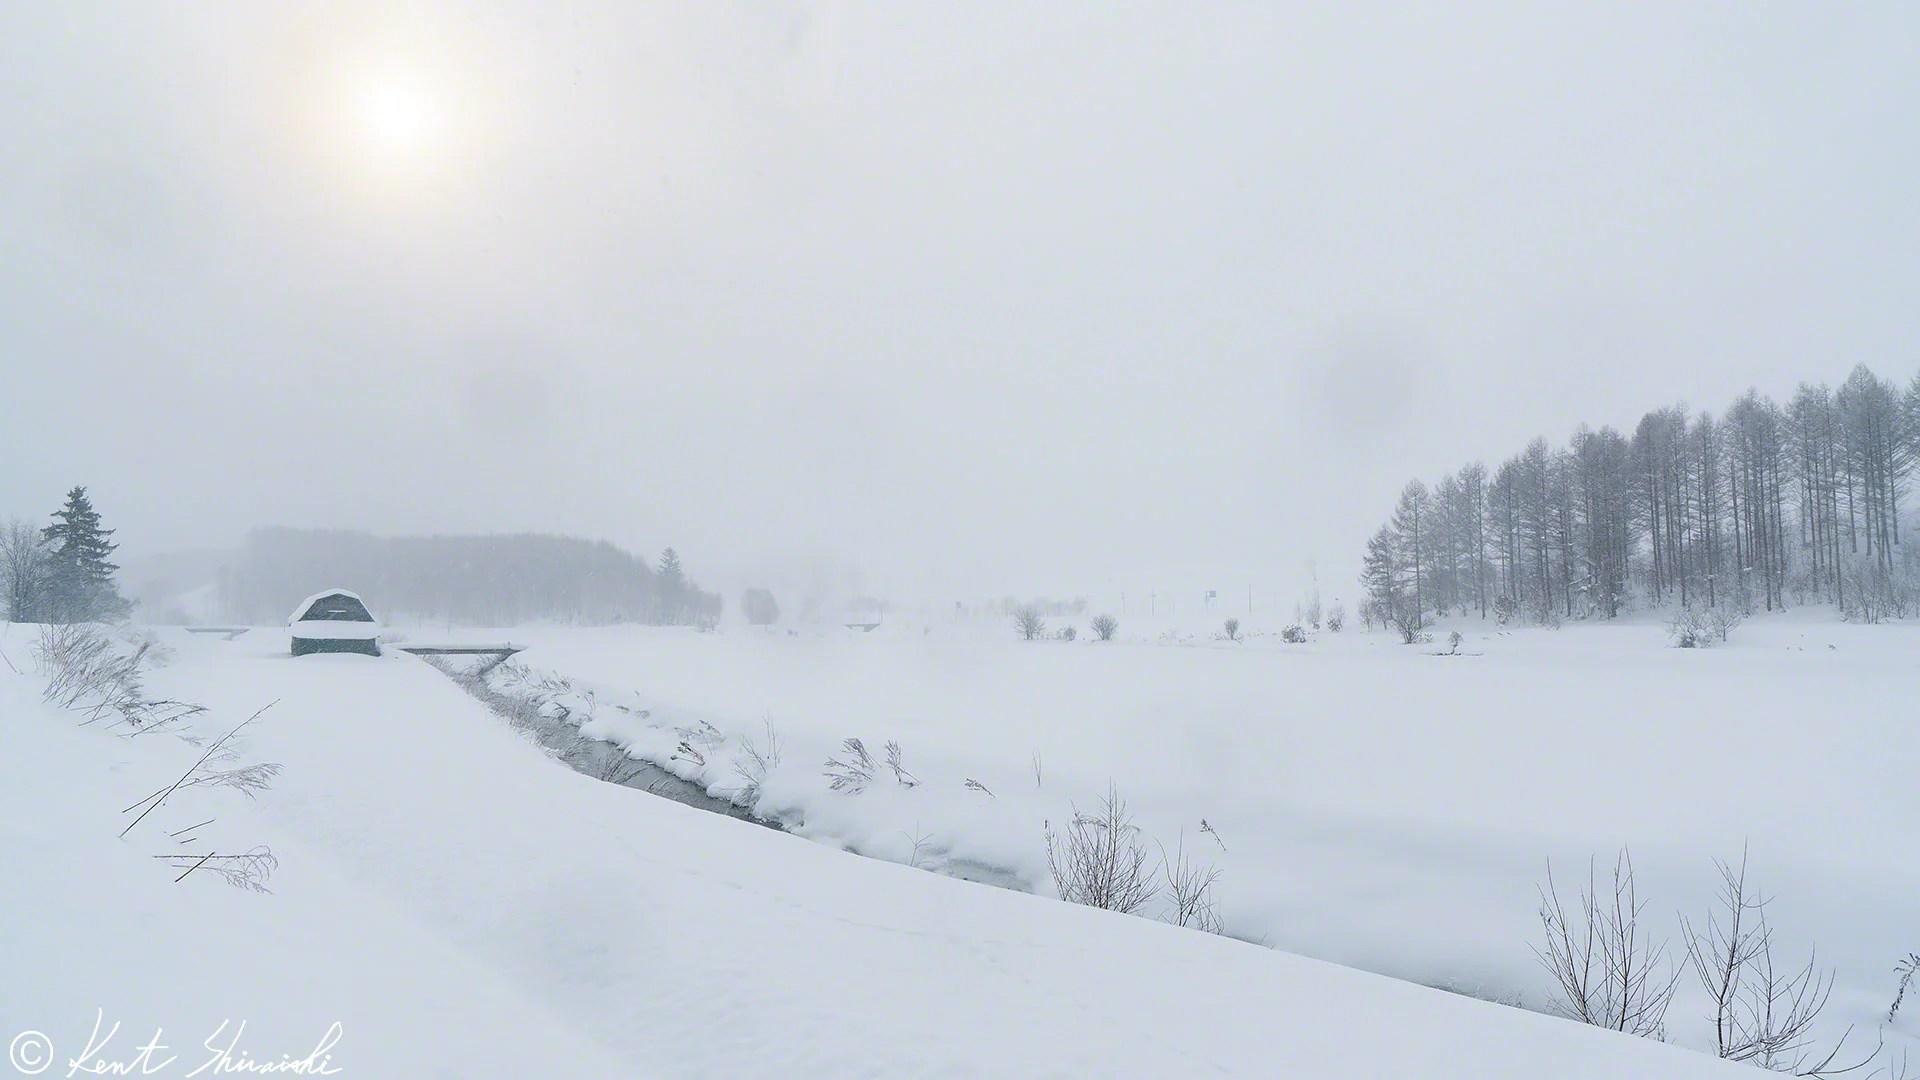 雪降る日も楽しいですよ! - Kent Shiraishi Photo Blog